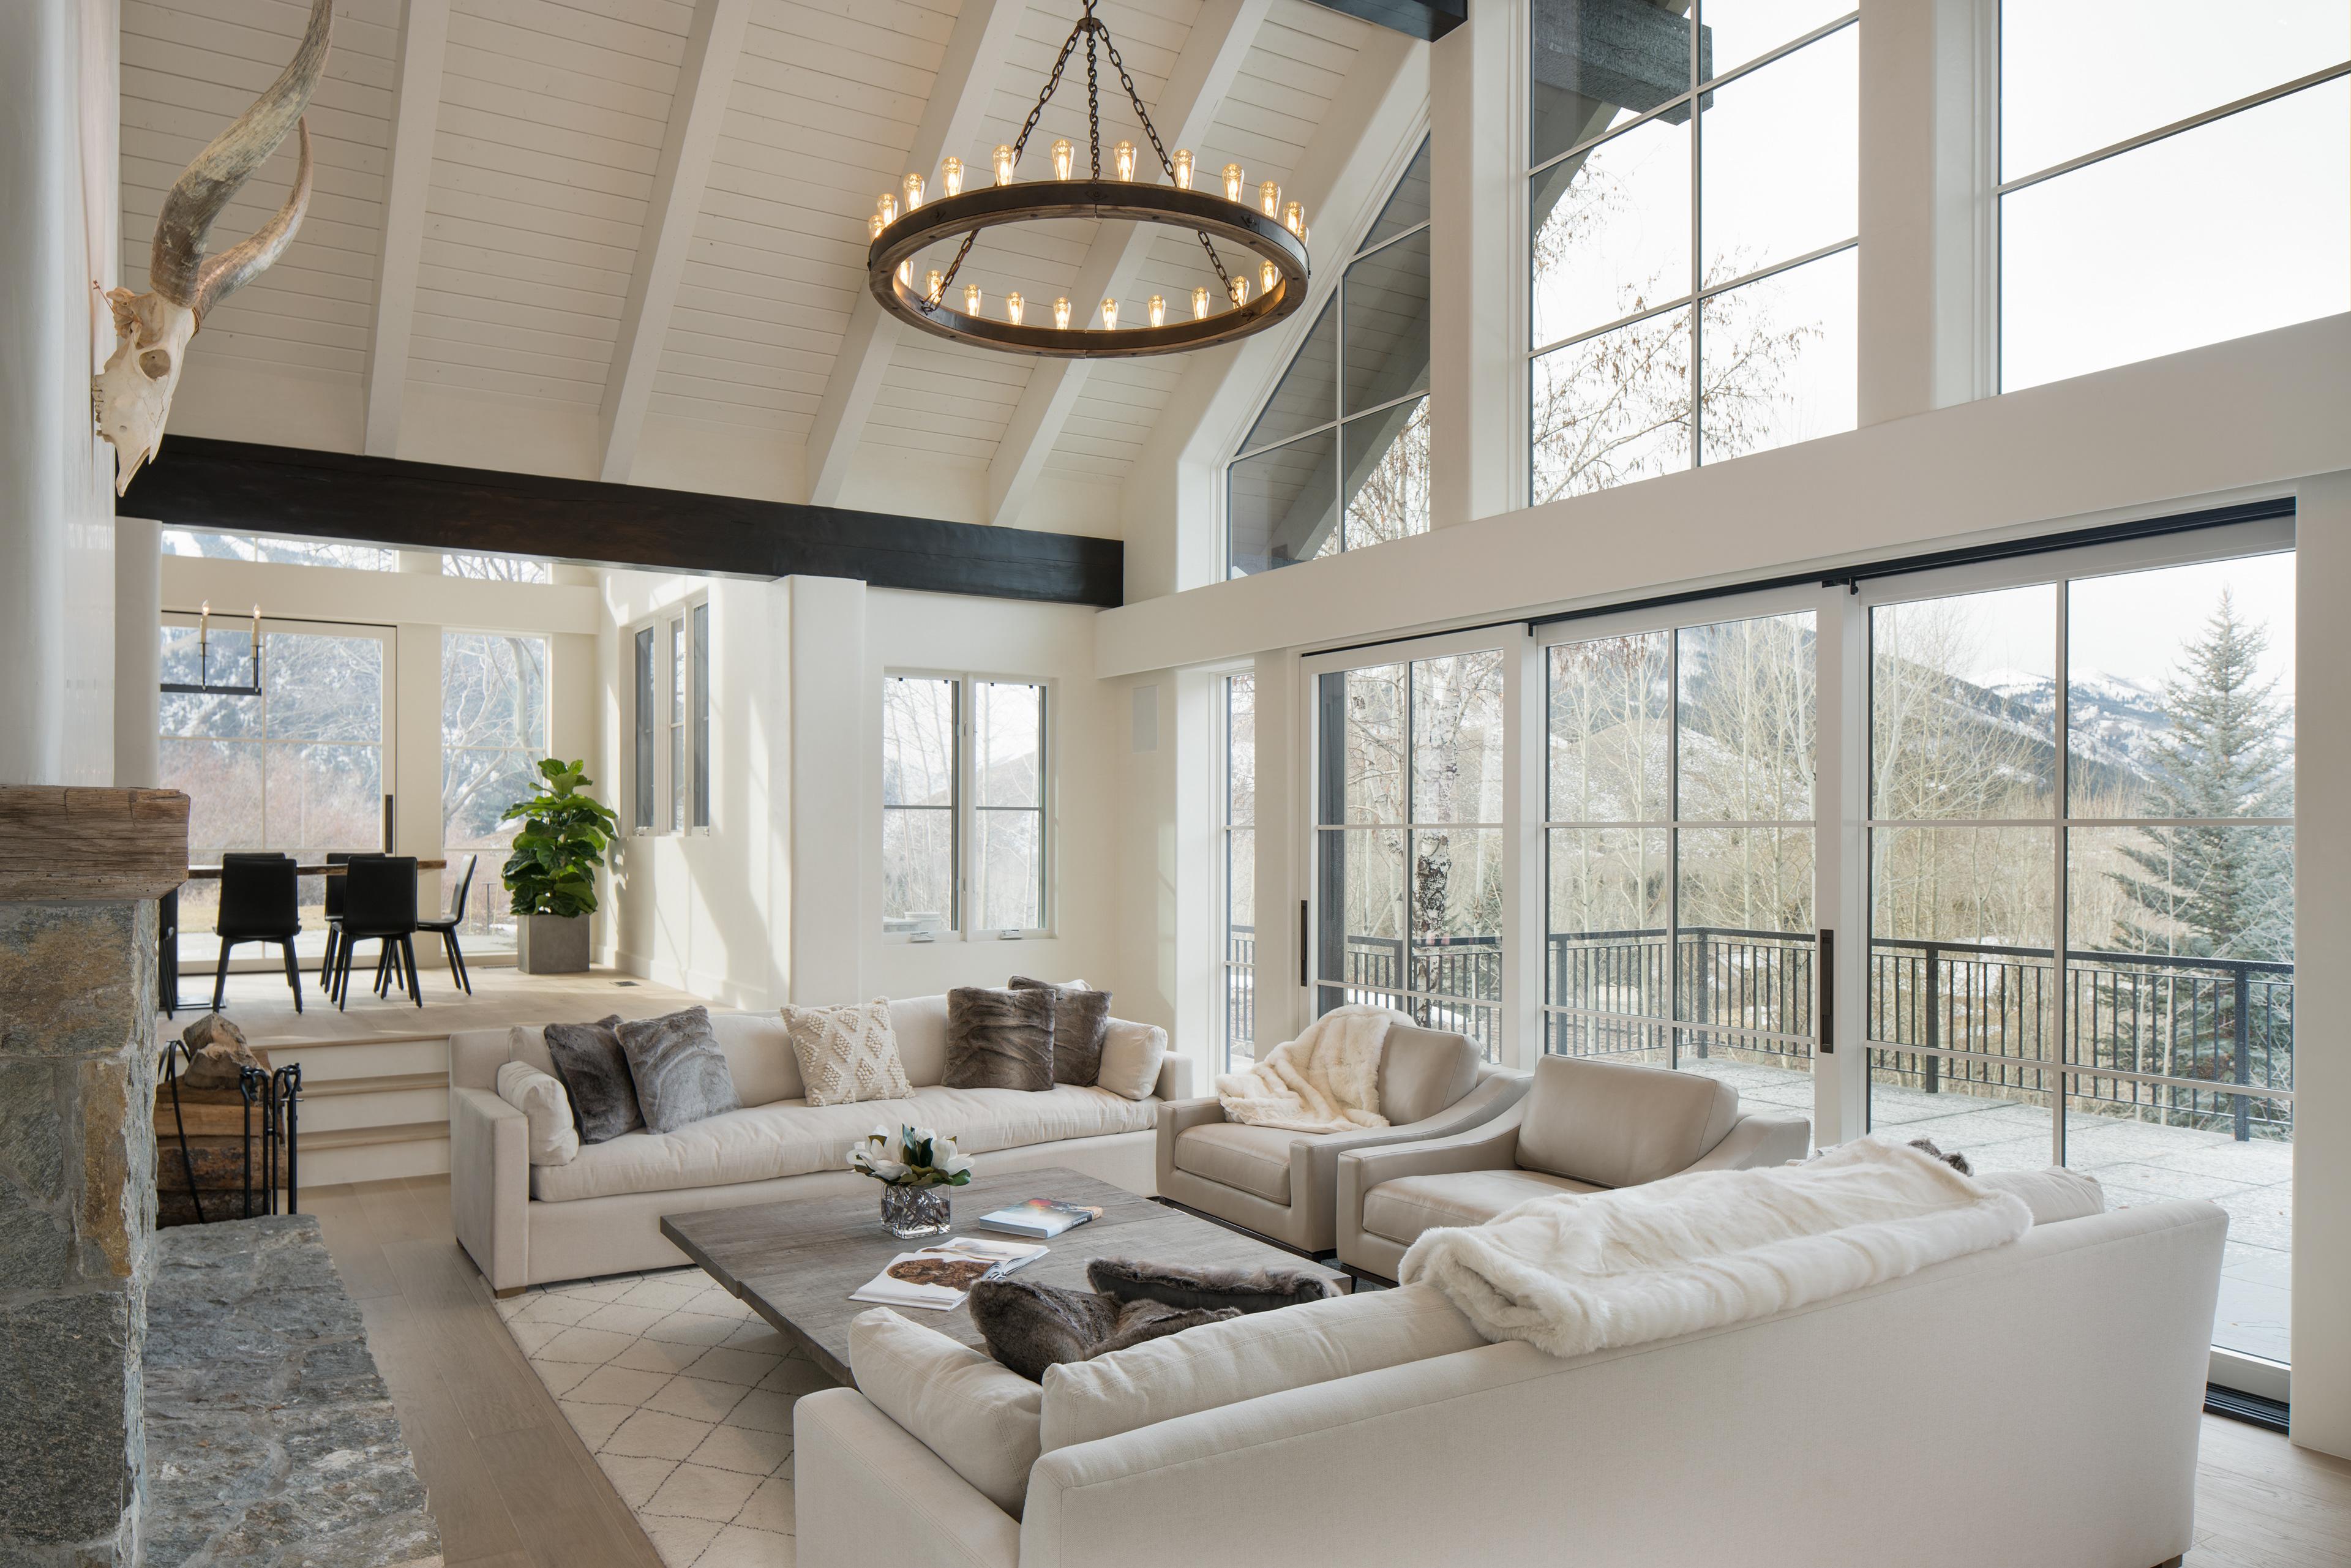 Sun valley mountain modern interior design